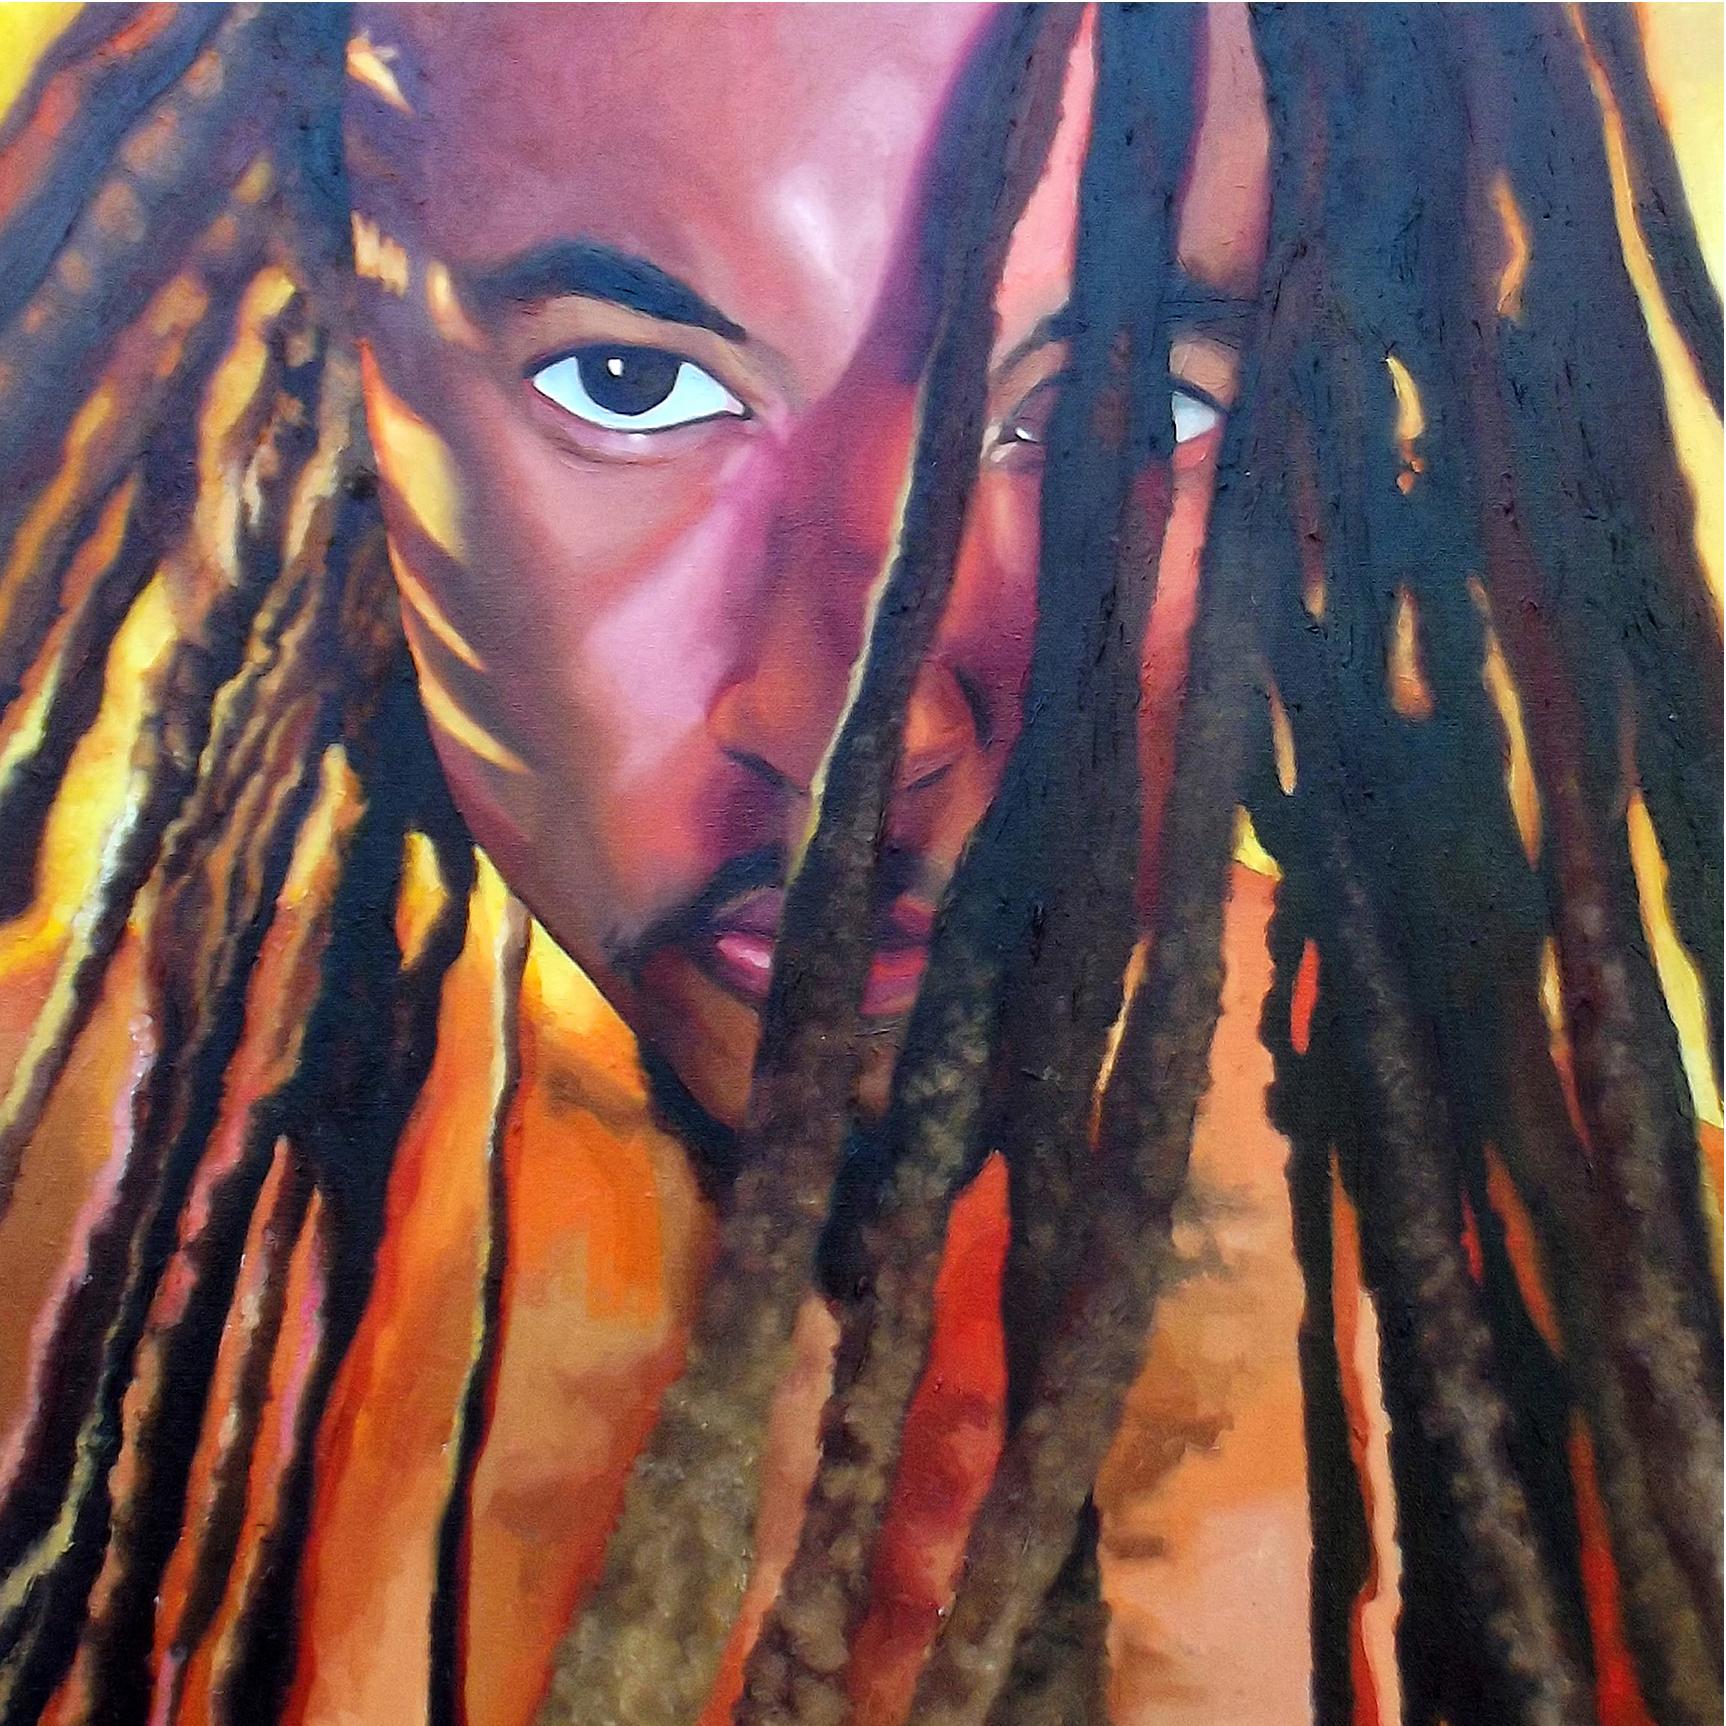 Hot_Art_Painting_Oil Painting_Portrait_M